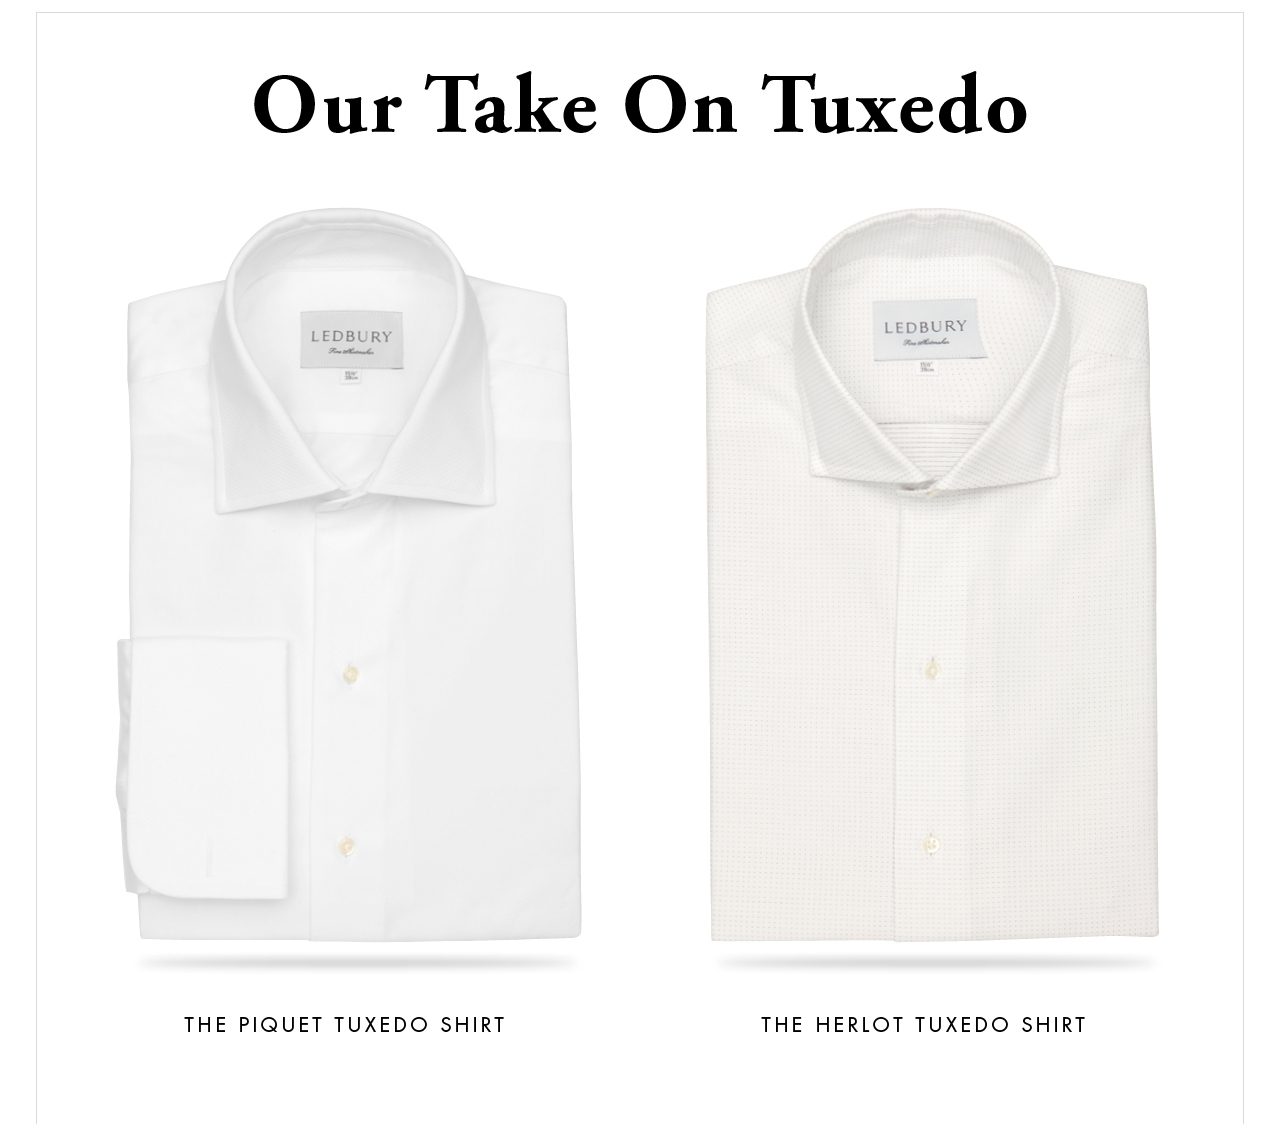 Our Take On Tuxedo